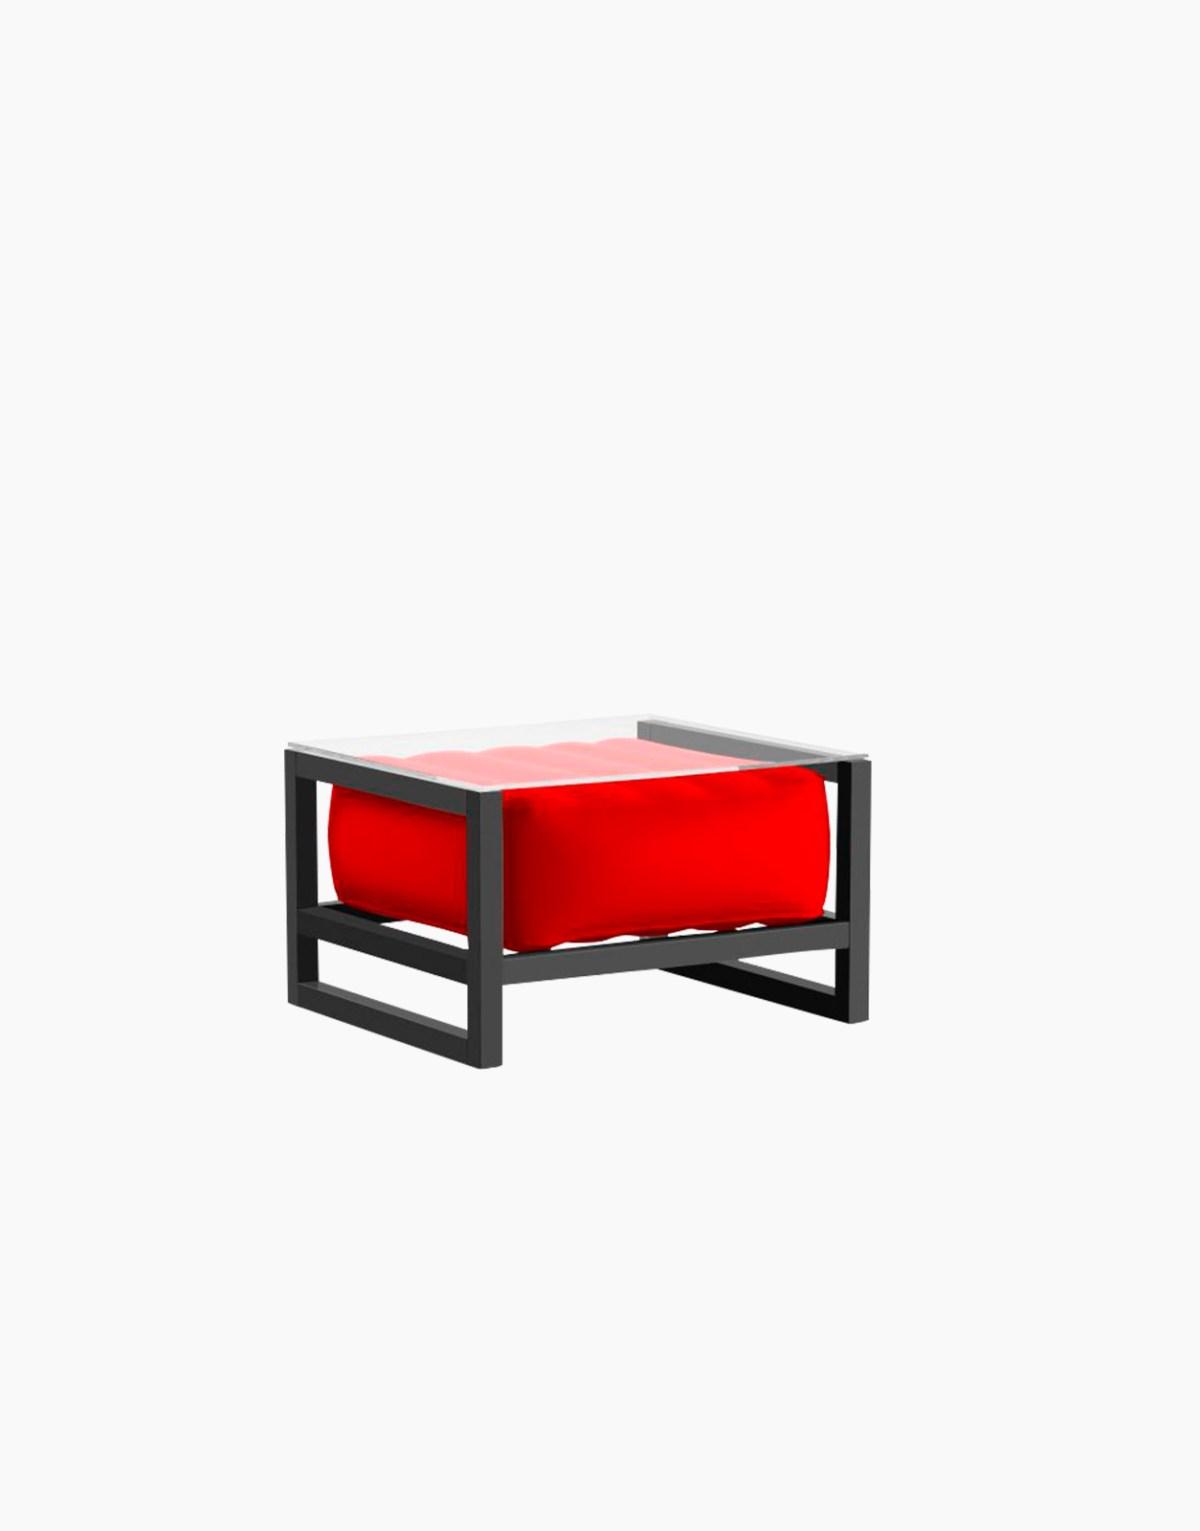 Revendeur de Mojow solution design fr mobilier table basse Yoko rouge opaque